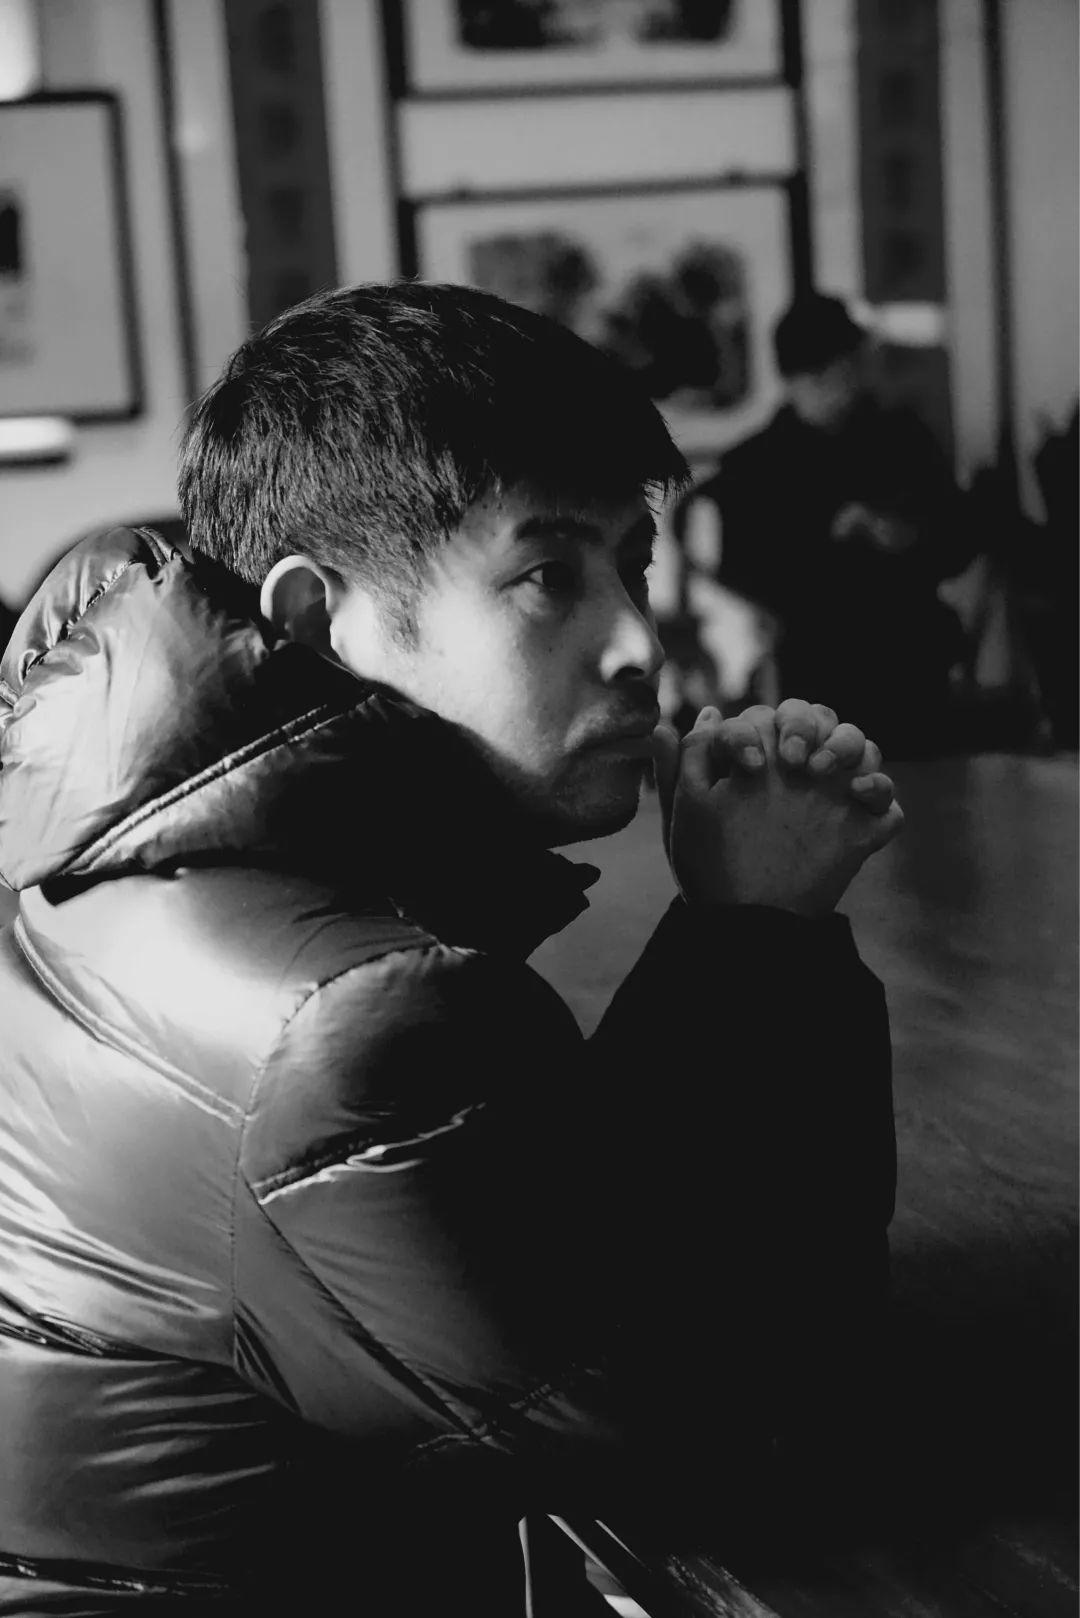 """姜涛 ,1970年生于天津,1989年入清华大学攻读生物医学工程专业,在大学期间参加校内文学社的活动,写诗、读人文方面的书籍,以致荒废了本来的专业。毕业时,偶然决定""""弃工从文"""",误打误撞,读了本校中文系的研究生,1999年入北京大学中文系攻读中国现代文学专业博士学位,2002年毕业后留校任教至今,曾任日本大学文理学部、台湾清华大学中文系客座副教授。早年写诗较多,在北大任教后,更多从事当代诗歌批评及文学史研究,出版诗集《鸟经》《好消息》《我们共同的美好生活》《洞中一日》、学术及批评专著《公寓里的塔》《巴枯宁的手》《新诗集与中国新诗的发生》等。"""